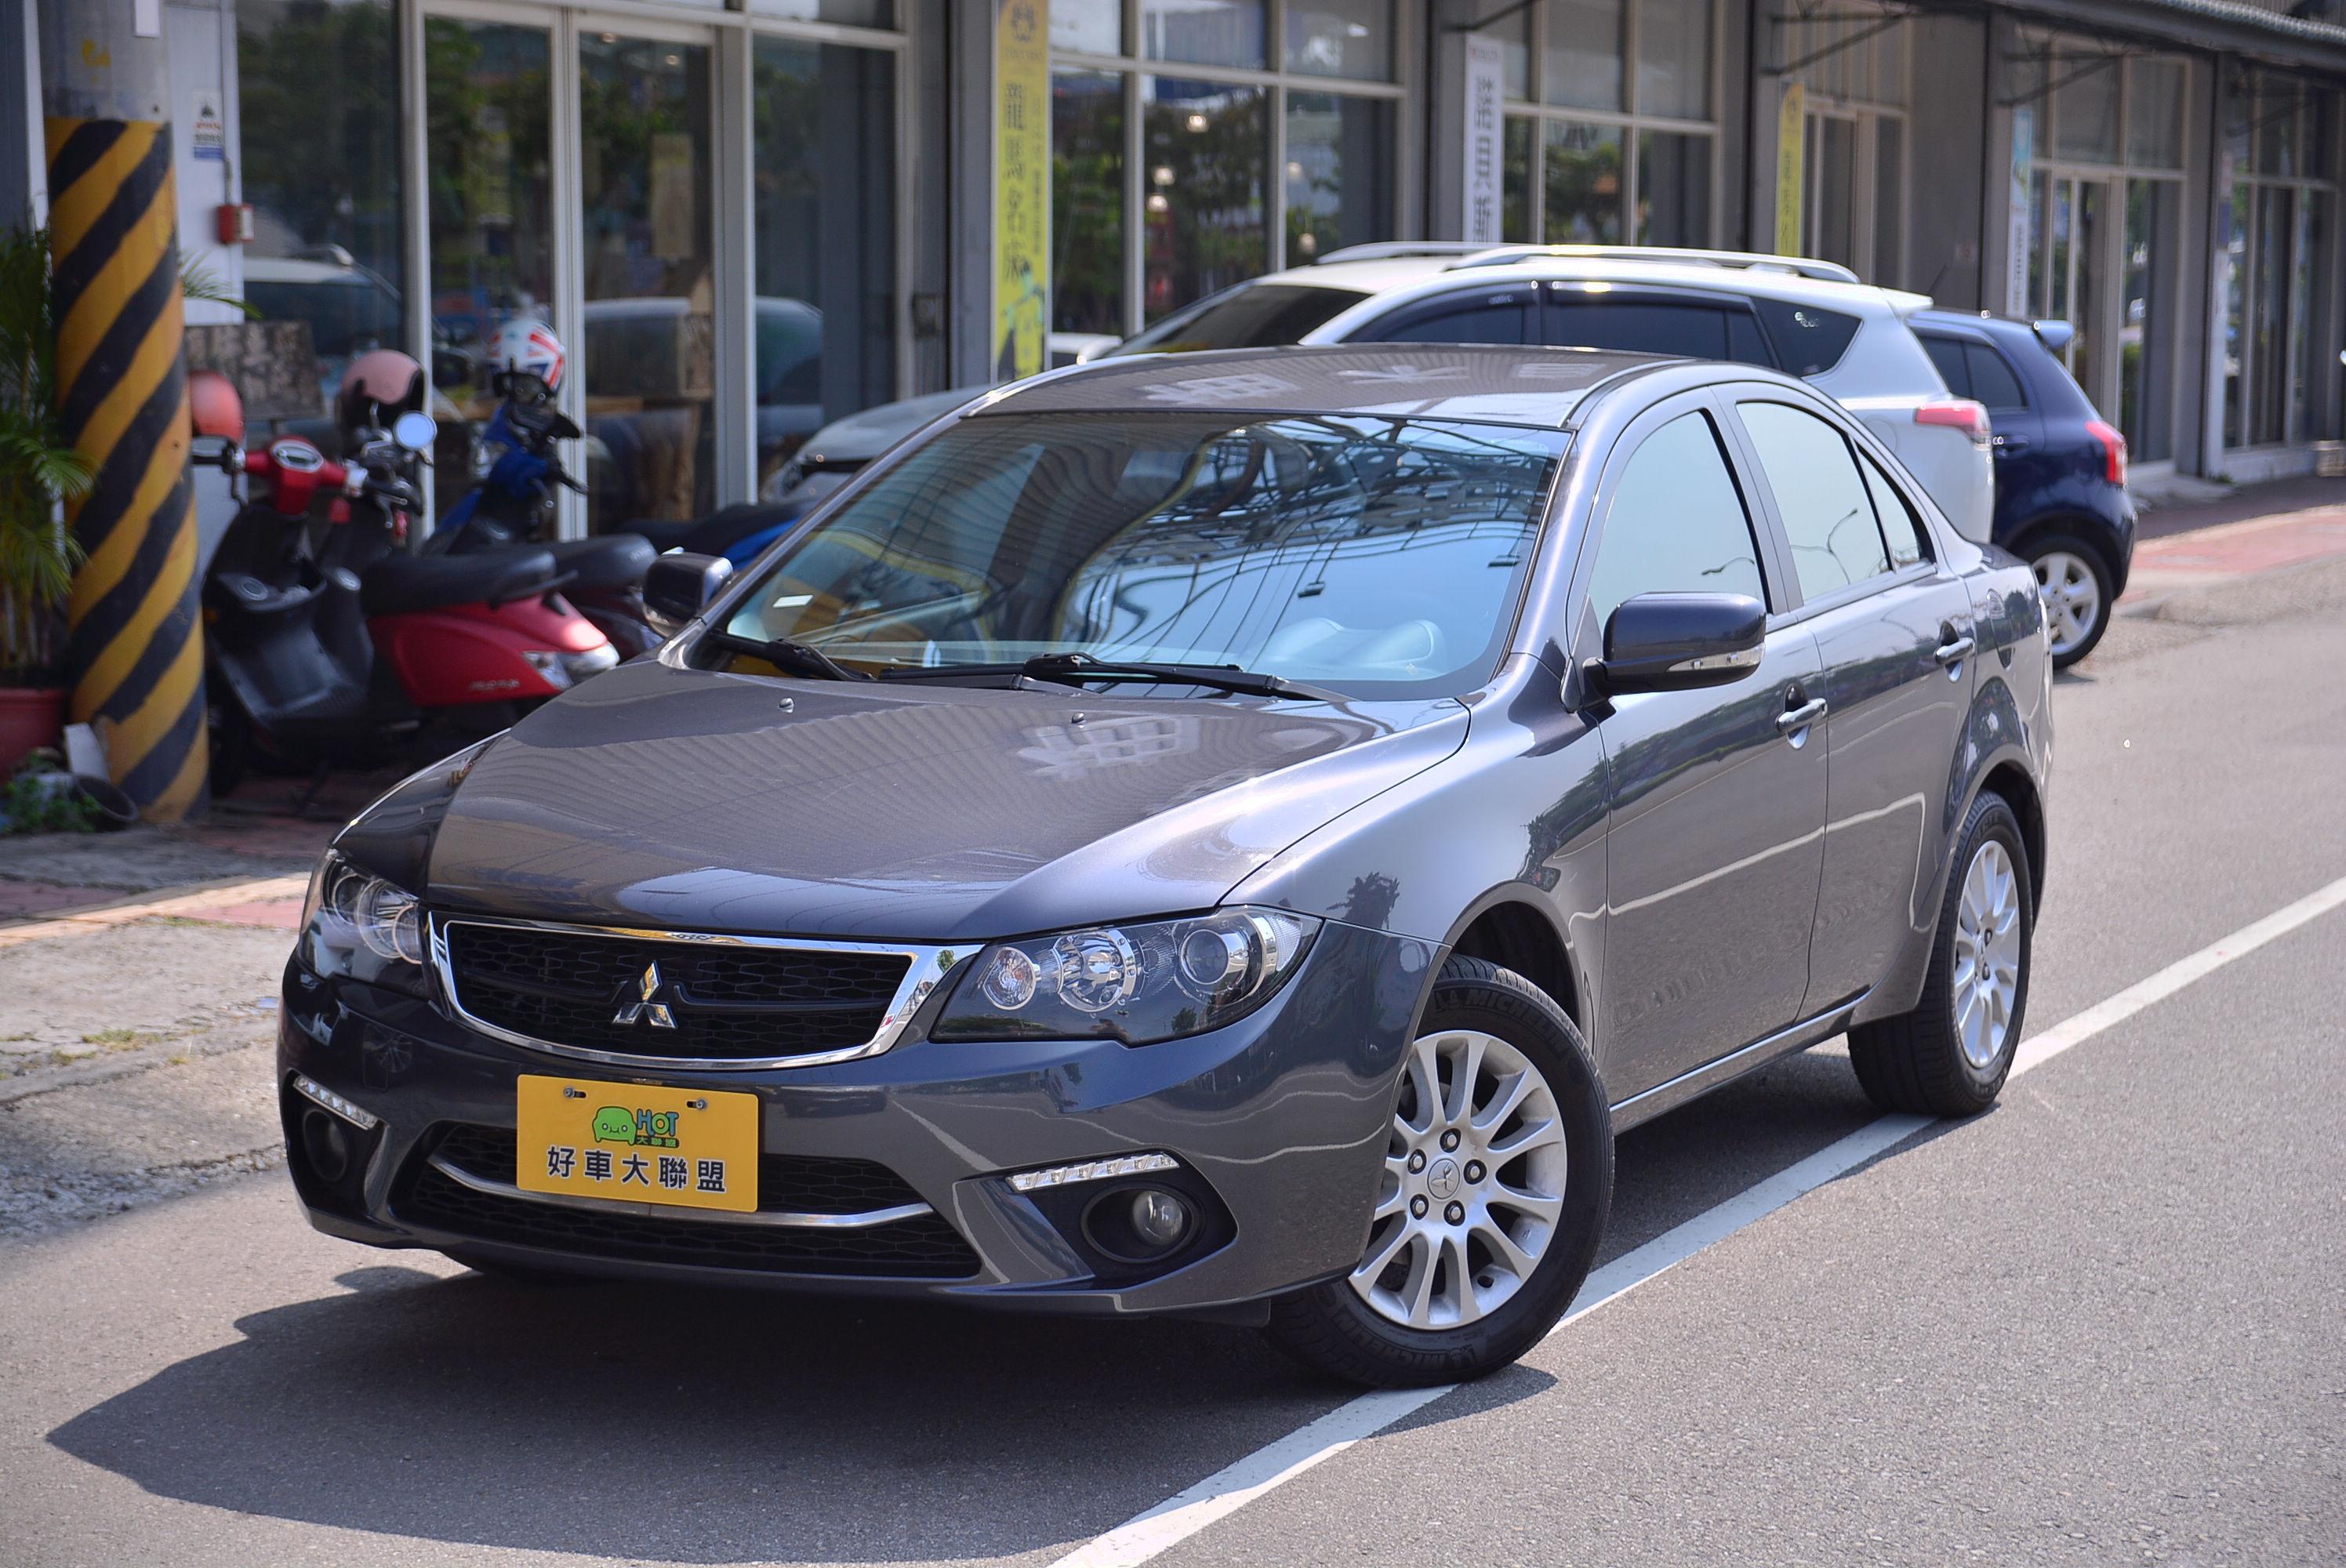 2014 Mitsubishi 三菱 Lancer fortis